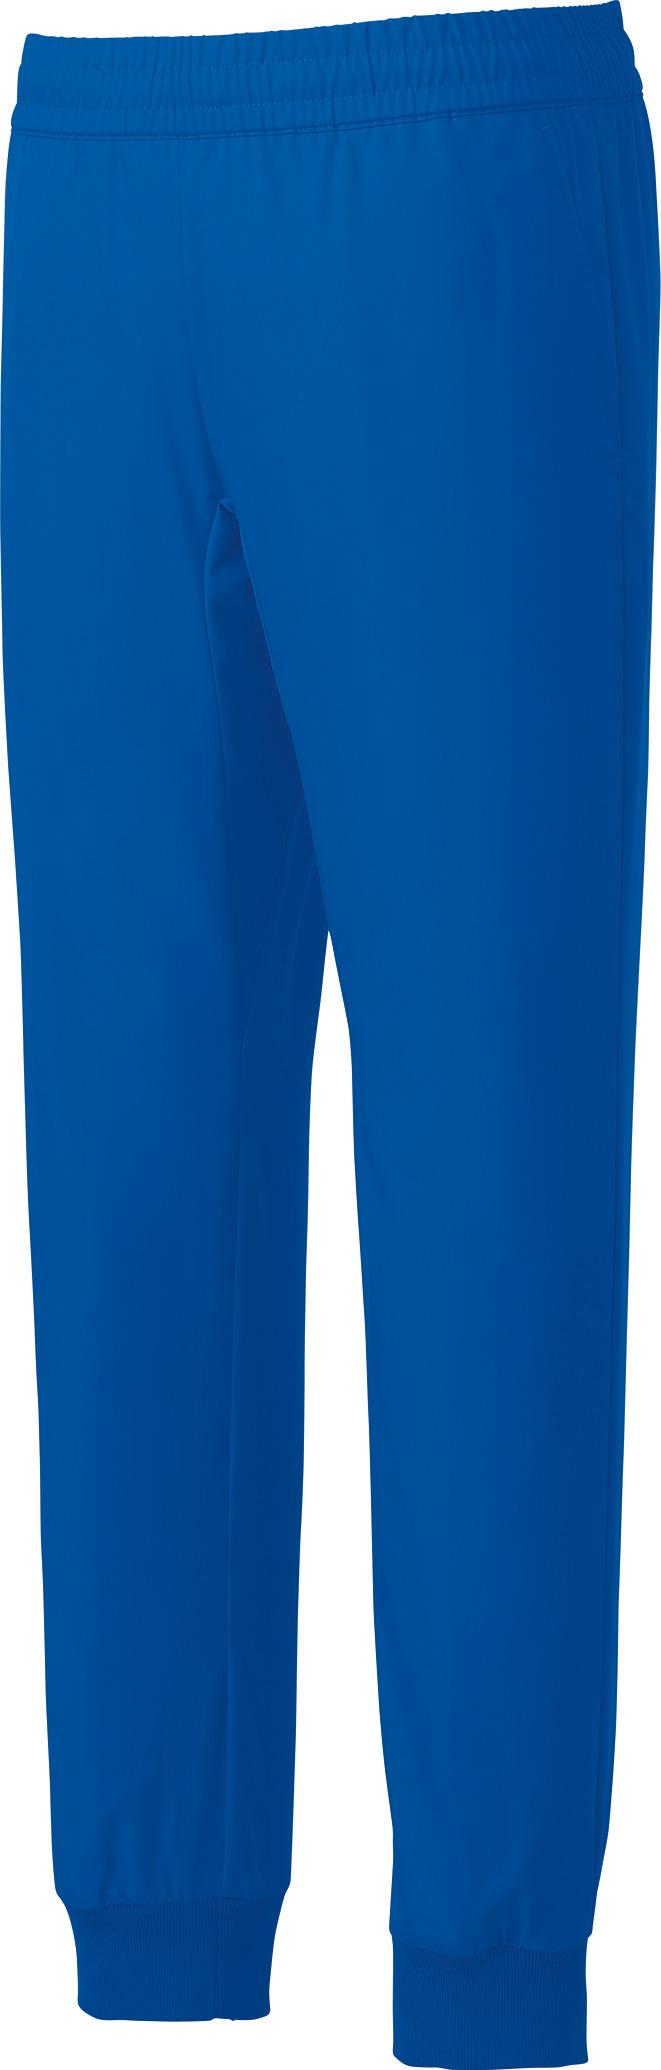 ミズノ ジョガーパンツ(男女兼用)販売。刺繍、プリント加工対応します。研修医、医療チームウェアに人気